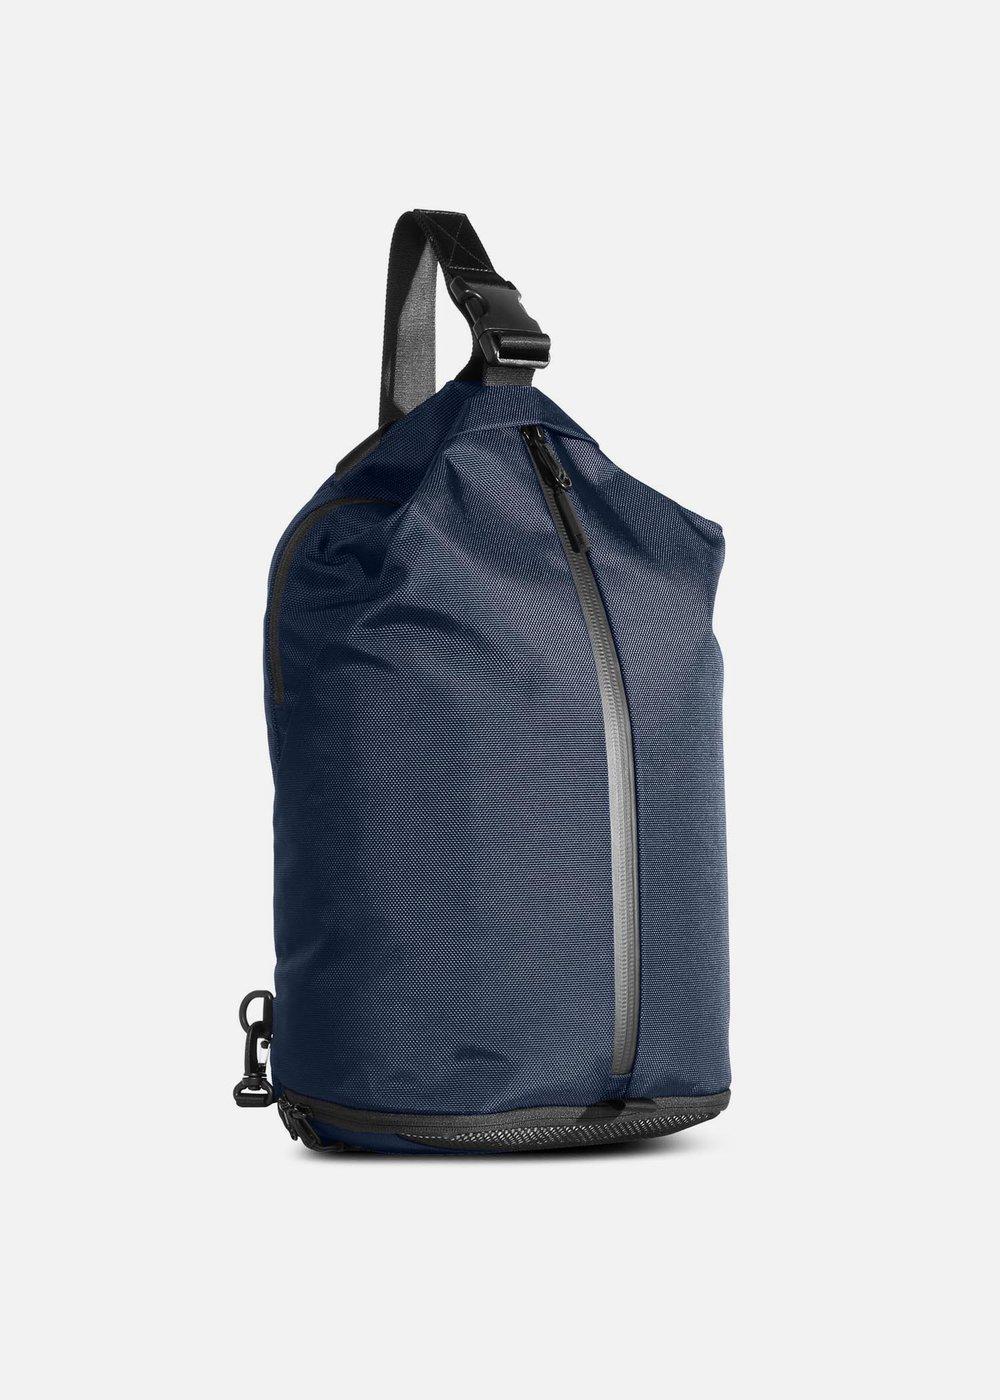 sling_bag_2_navy.JPG